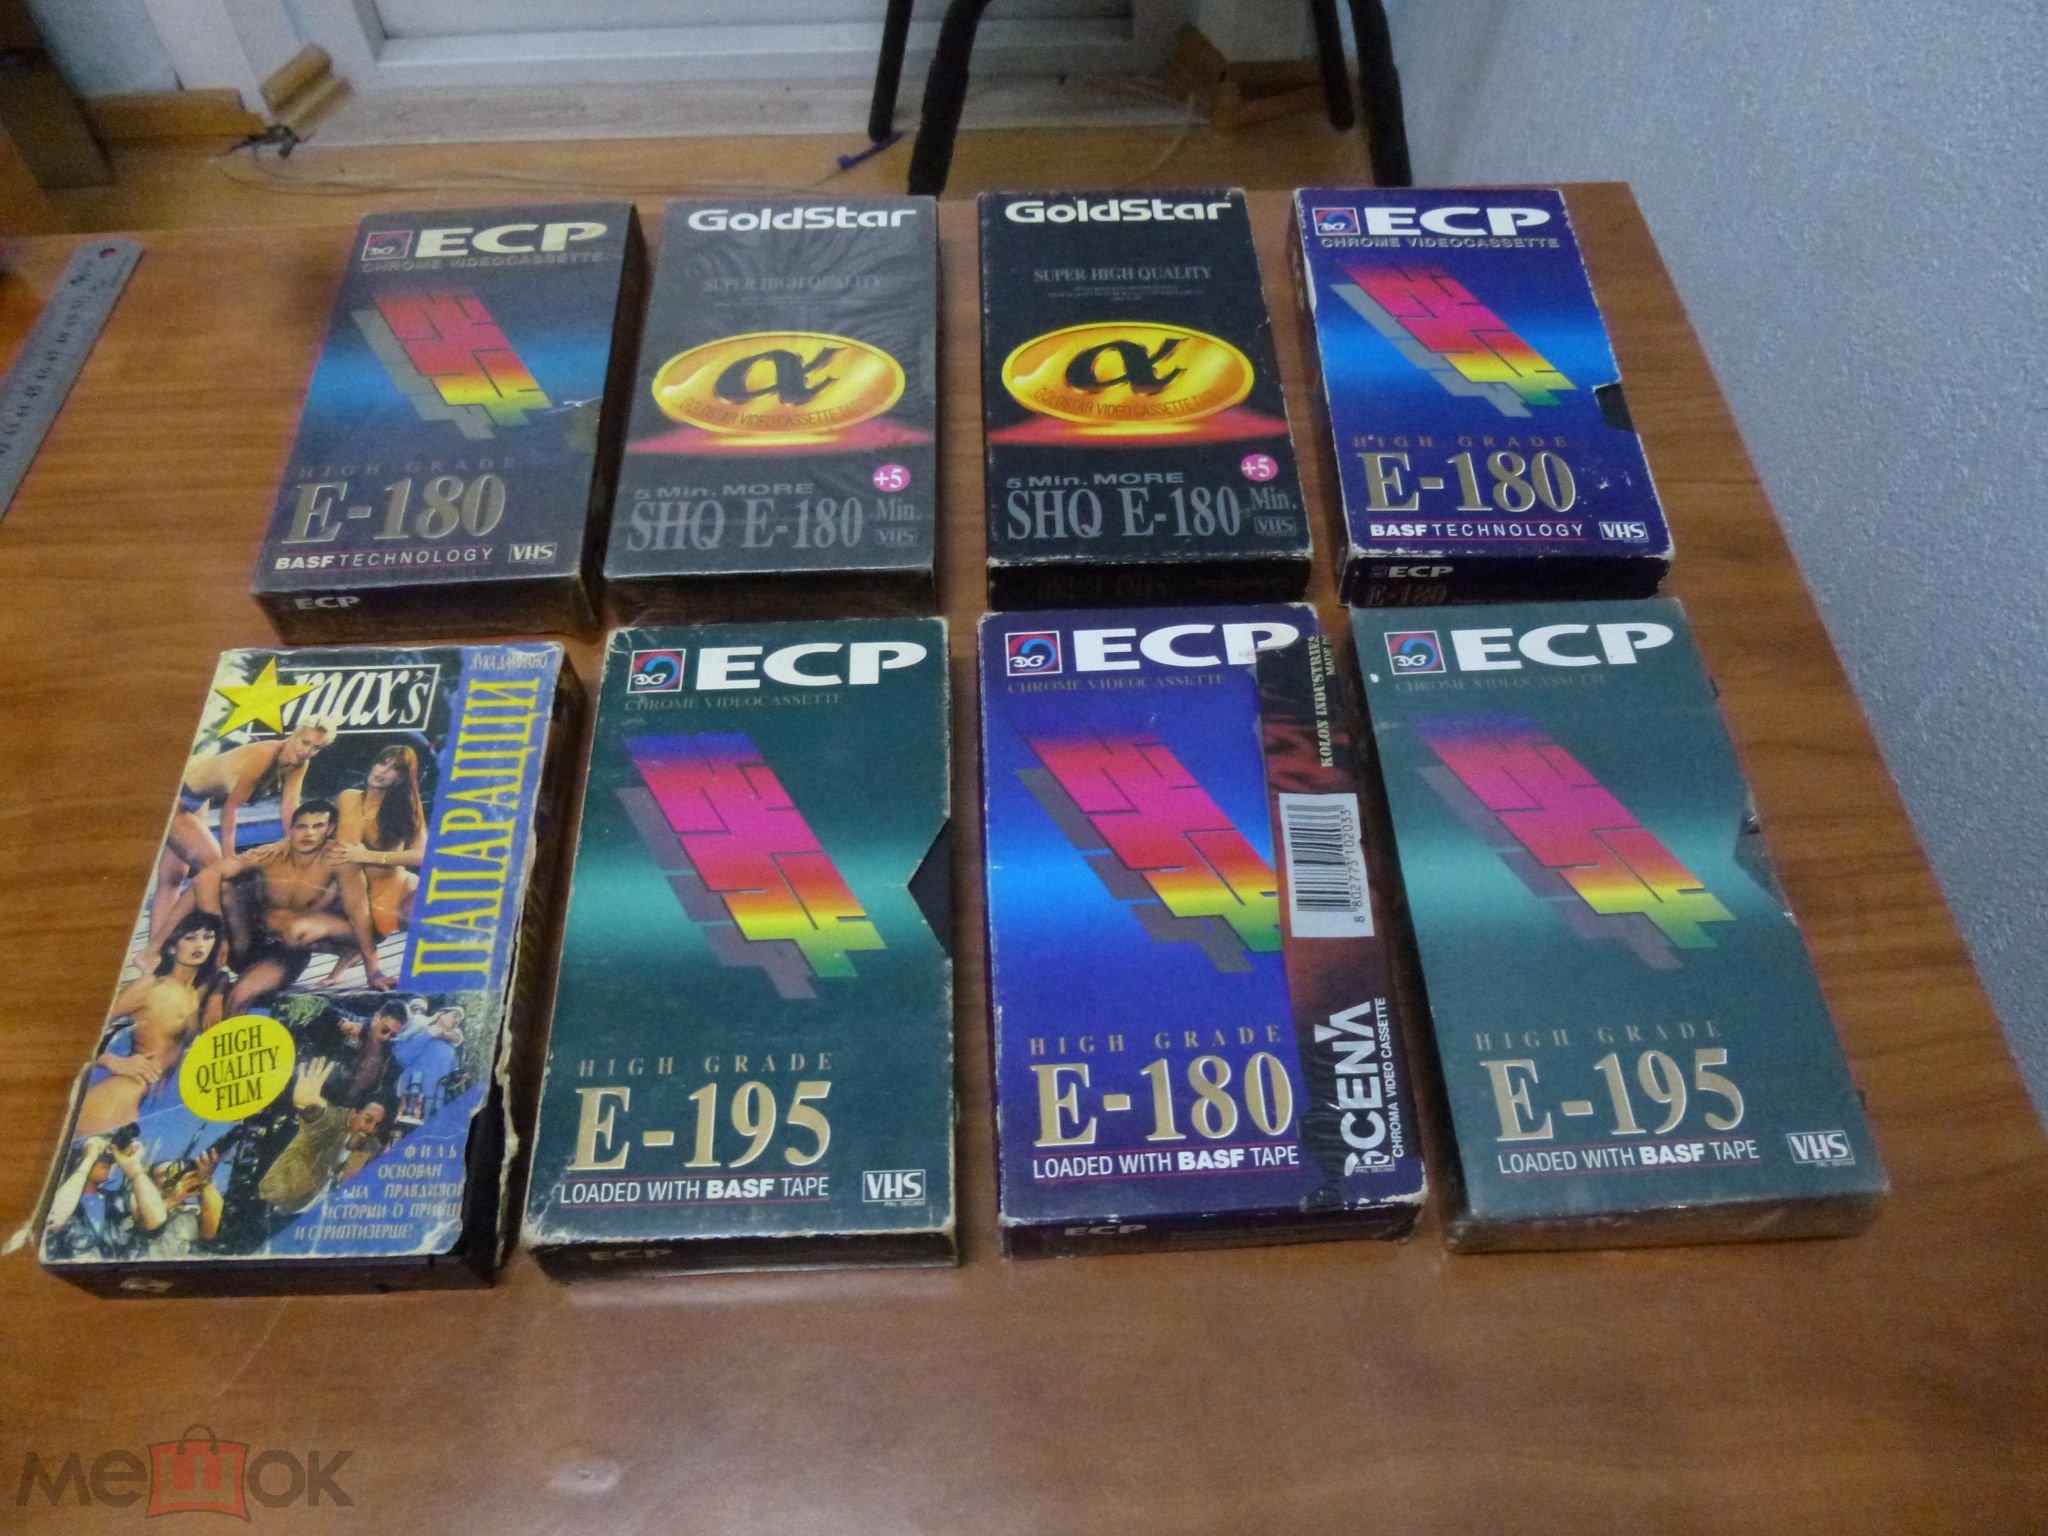 Порно коллекция на видеокассетах — photo 2